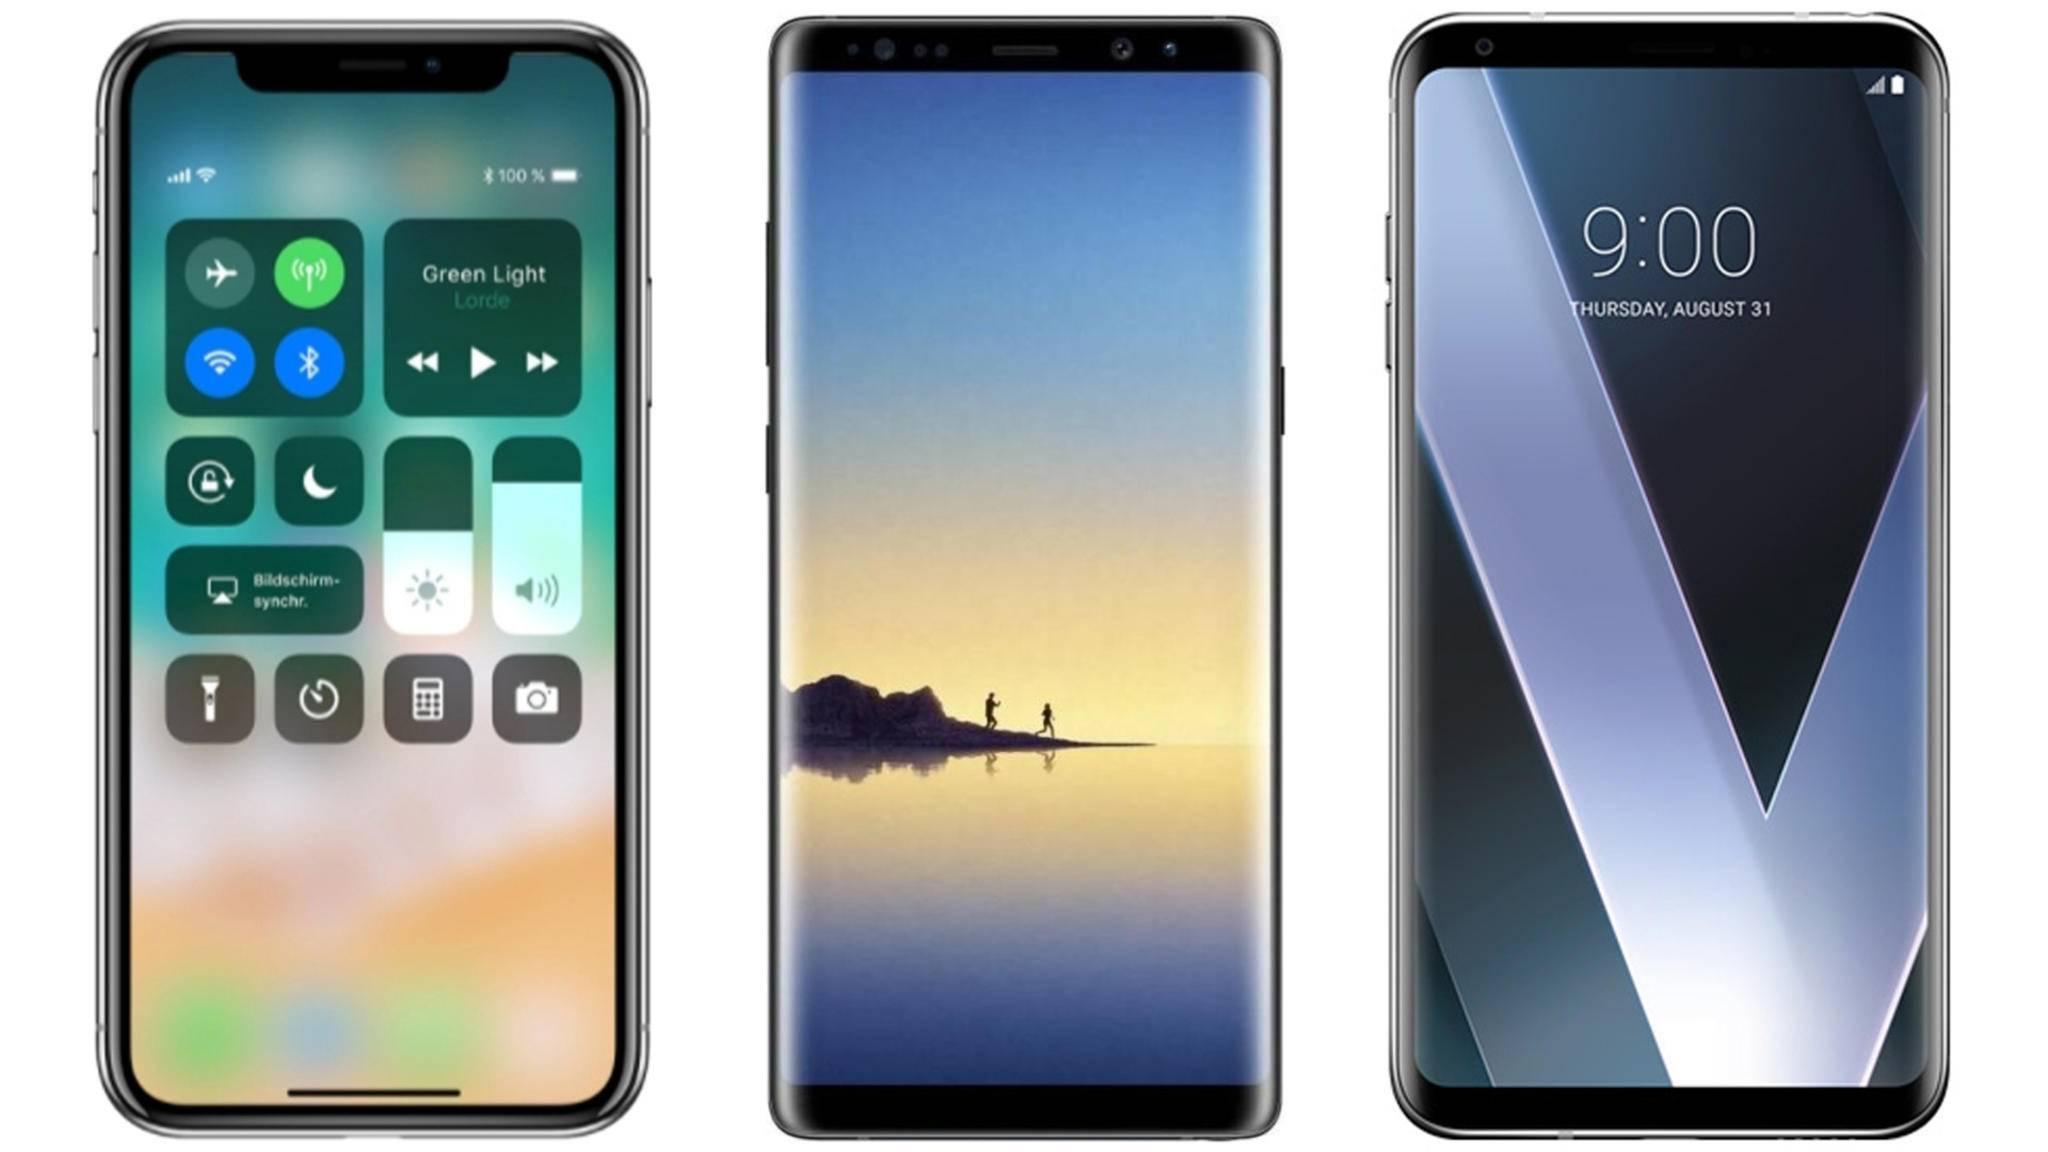 Wie schlagen sich die drei High-End-Smartphones iPhone X, Galaxy Note 8 und LG V30 im Vergleich?